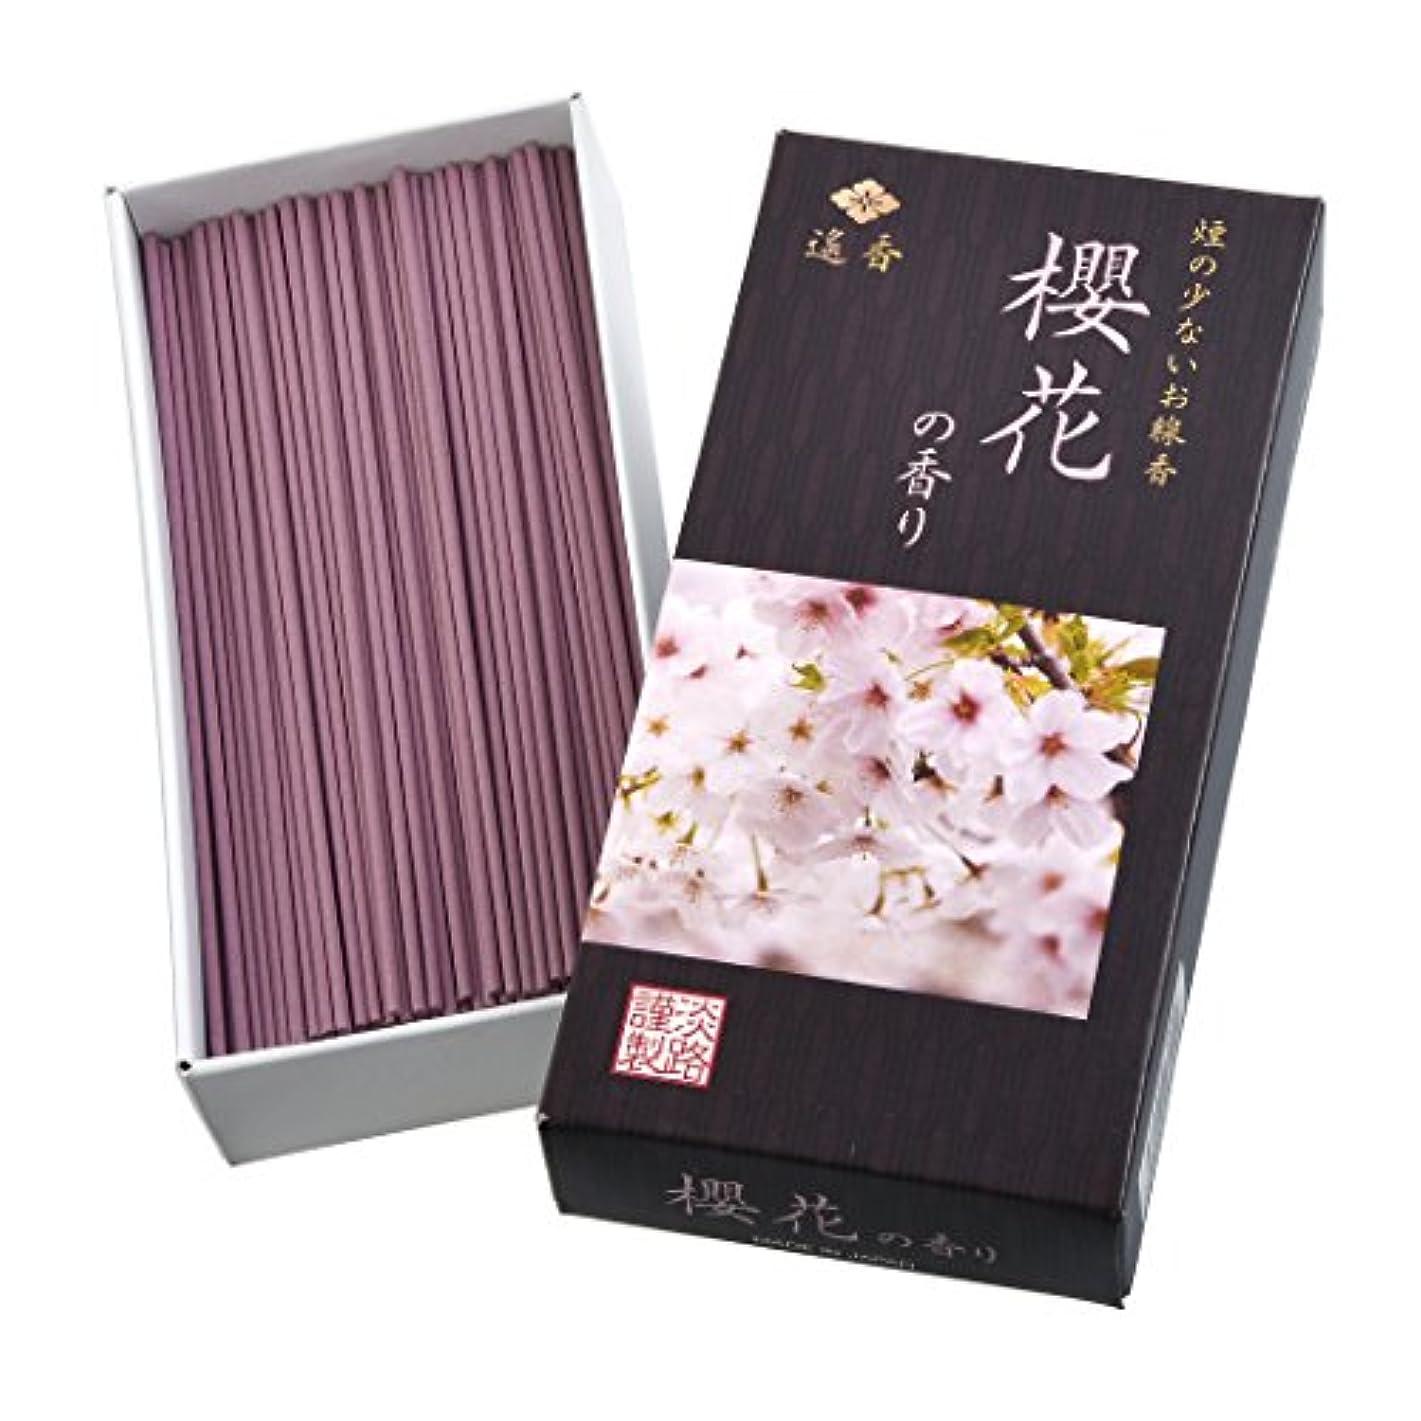 熱帯のジョセフバンクスポジション良生活 遙香 櫻花の香り